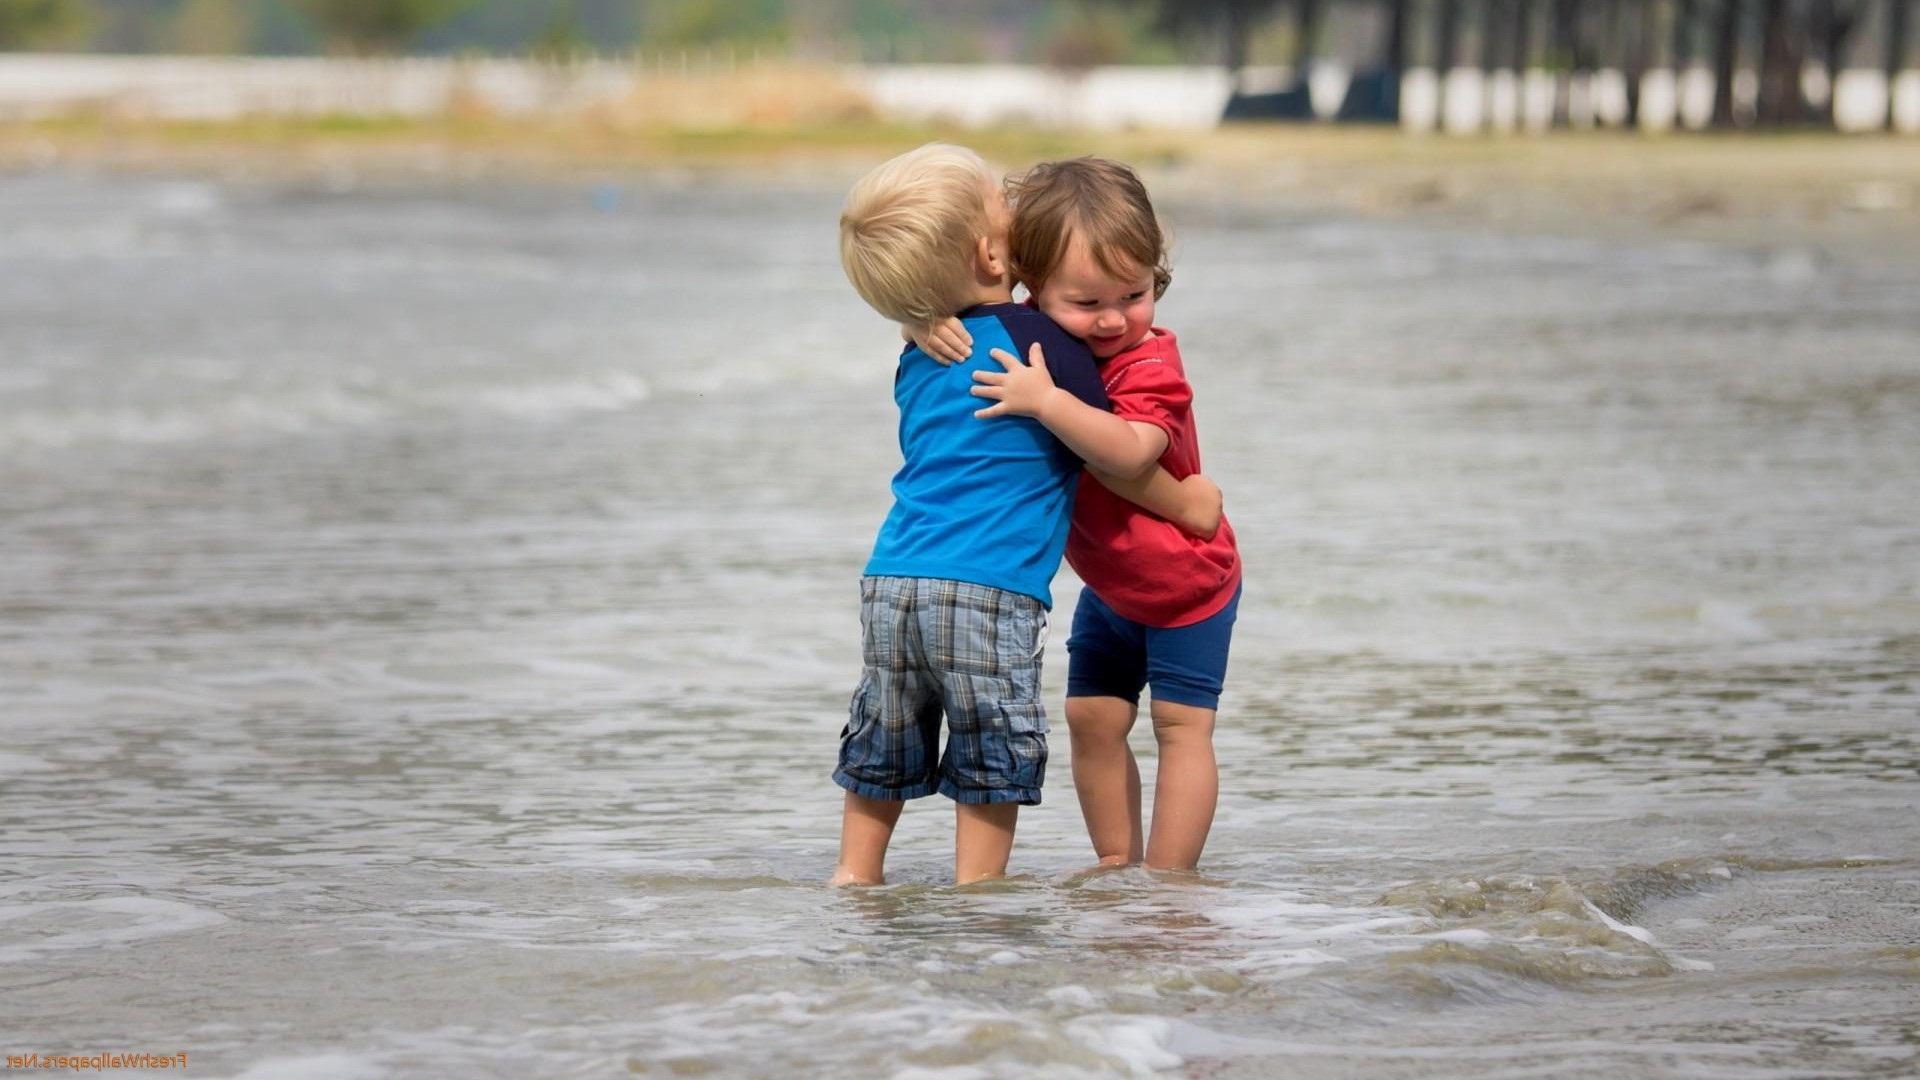 صورة احضان حب , اجمل صور احضان حب الاطفال 3921 4